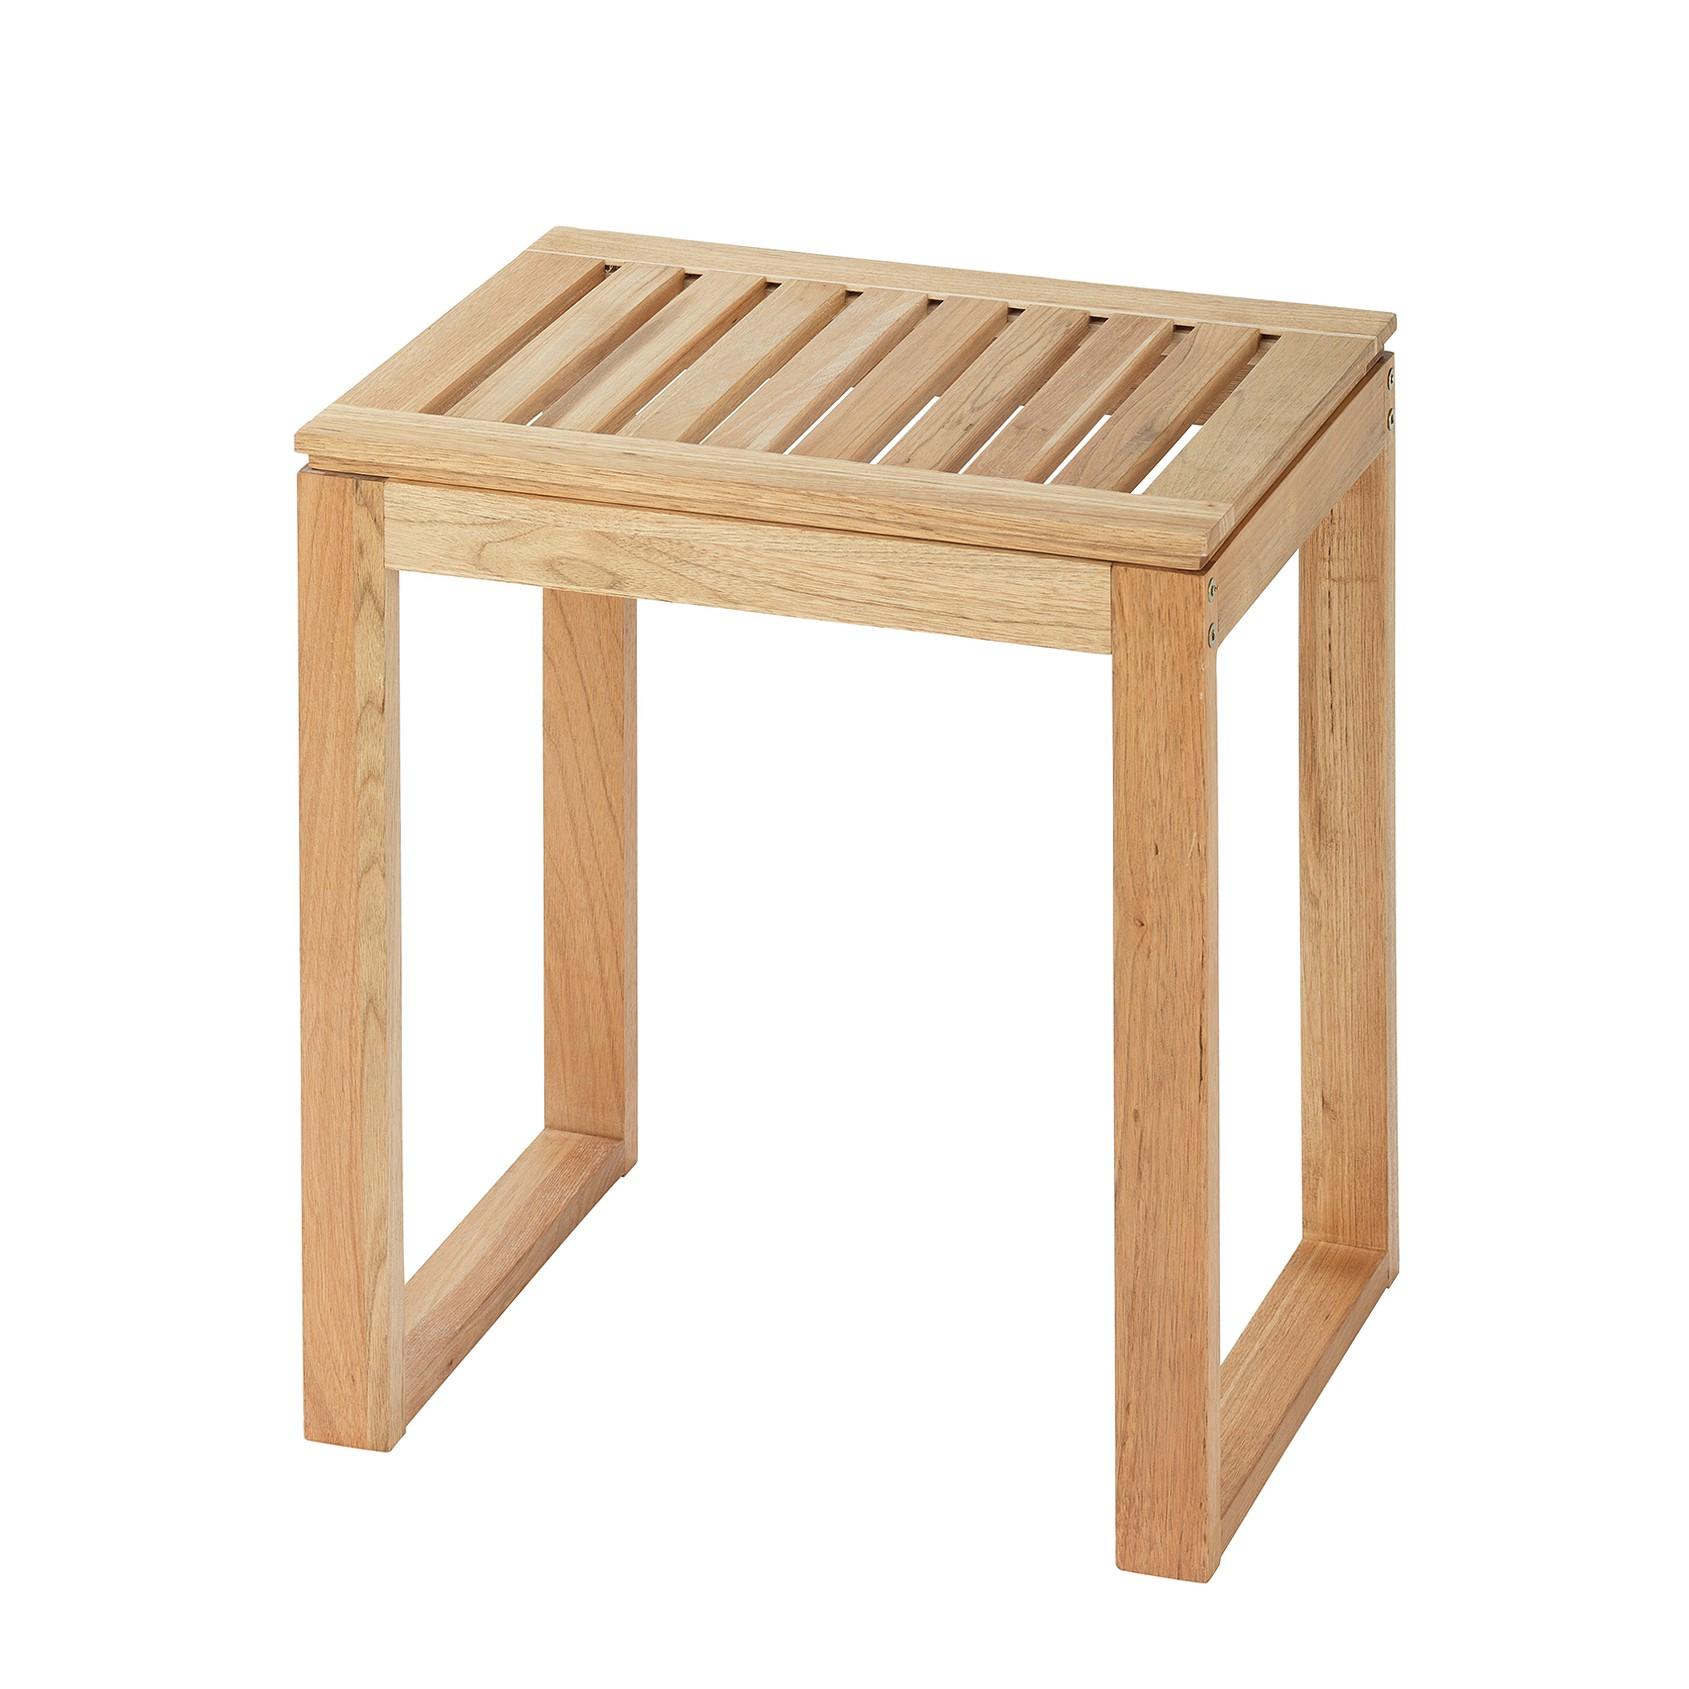 Homegarden sgabello legno massello 70 cm prezzi sconti vidaxl - Sgabello legno bagno ...